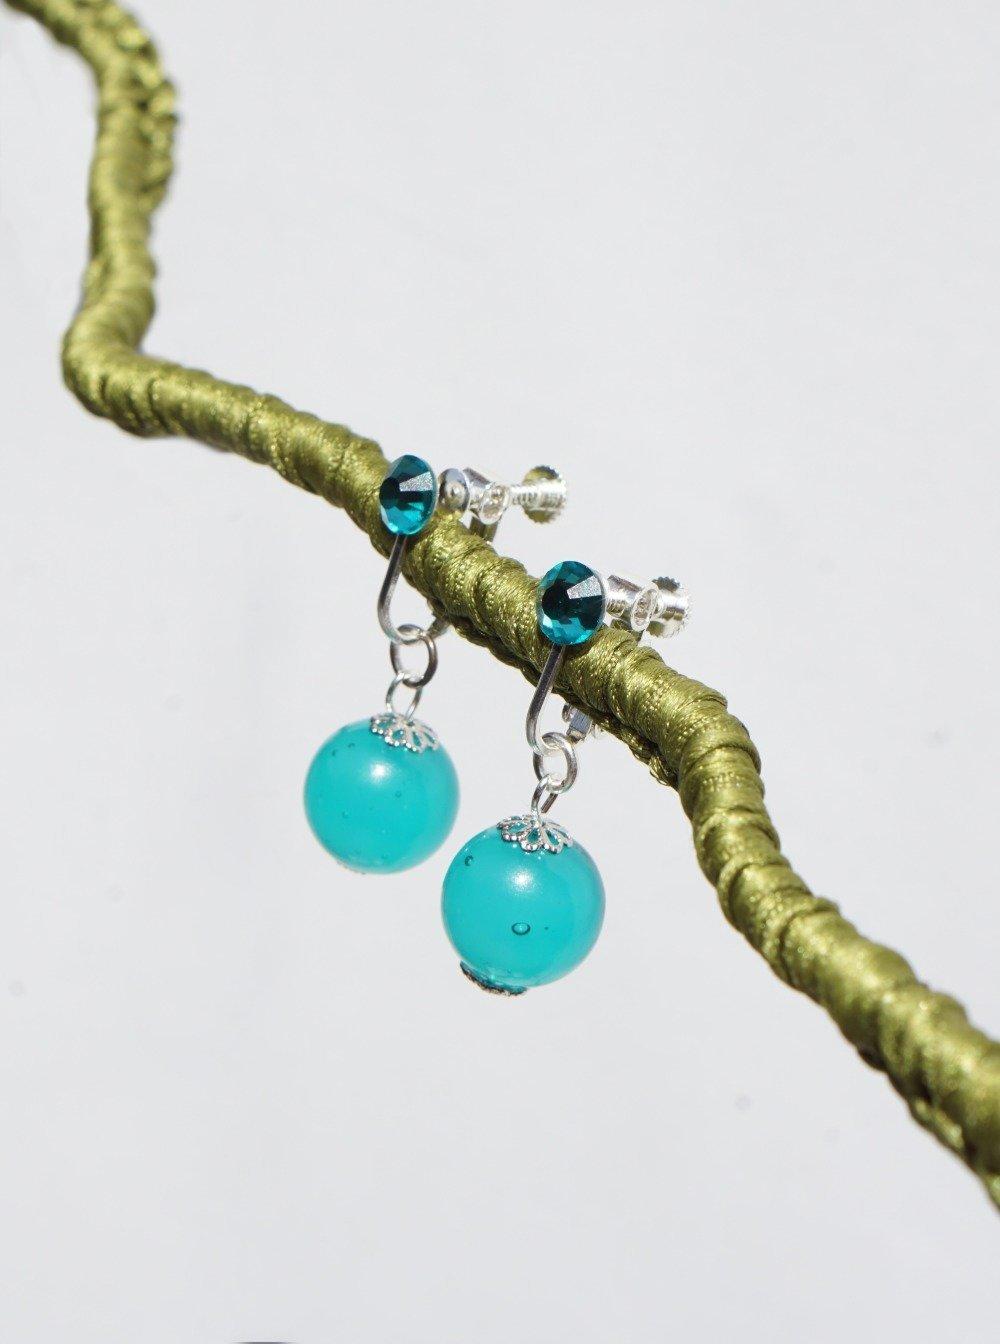 CLIPS Boucles d'oreilles Clip bleu & Argent Murano Venise Cristal  Pendantes Bijoux créateur Création française